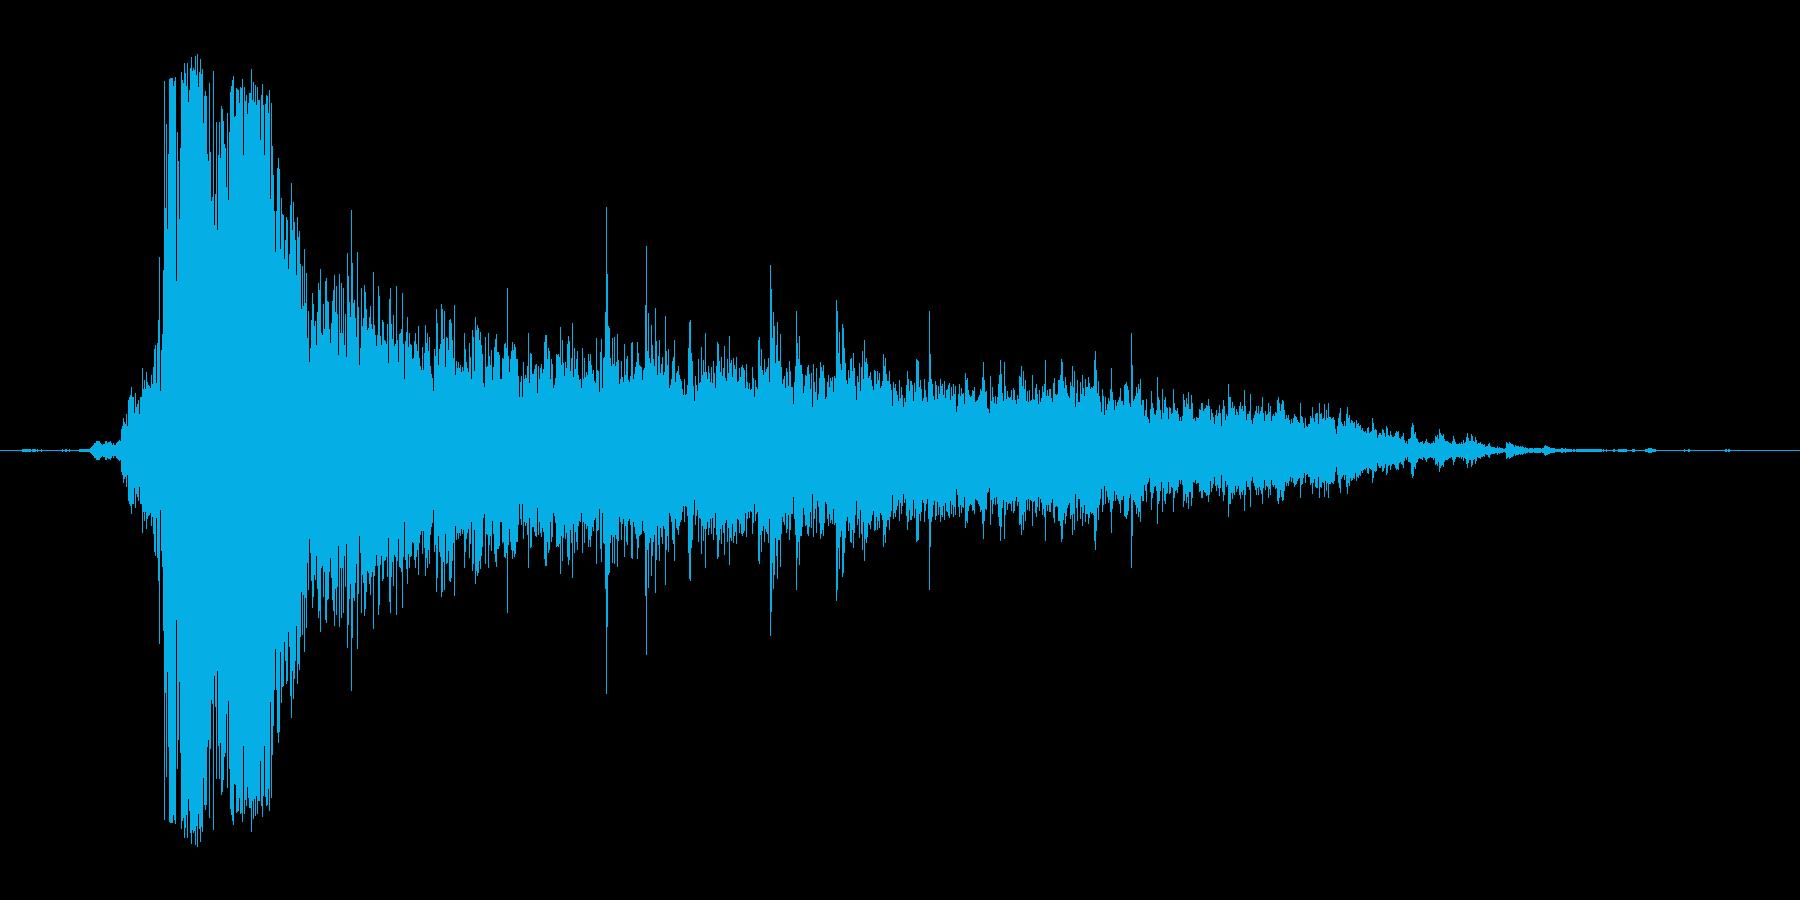 ザーァァァ。トイレの水を流す音(大)の再生済みの波形